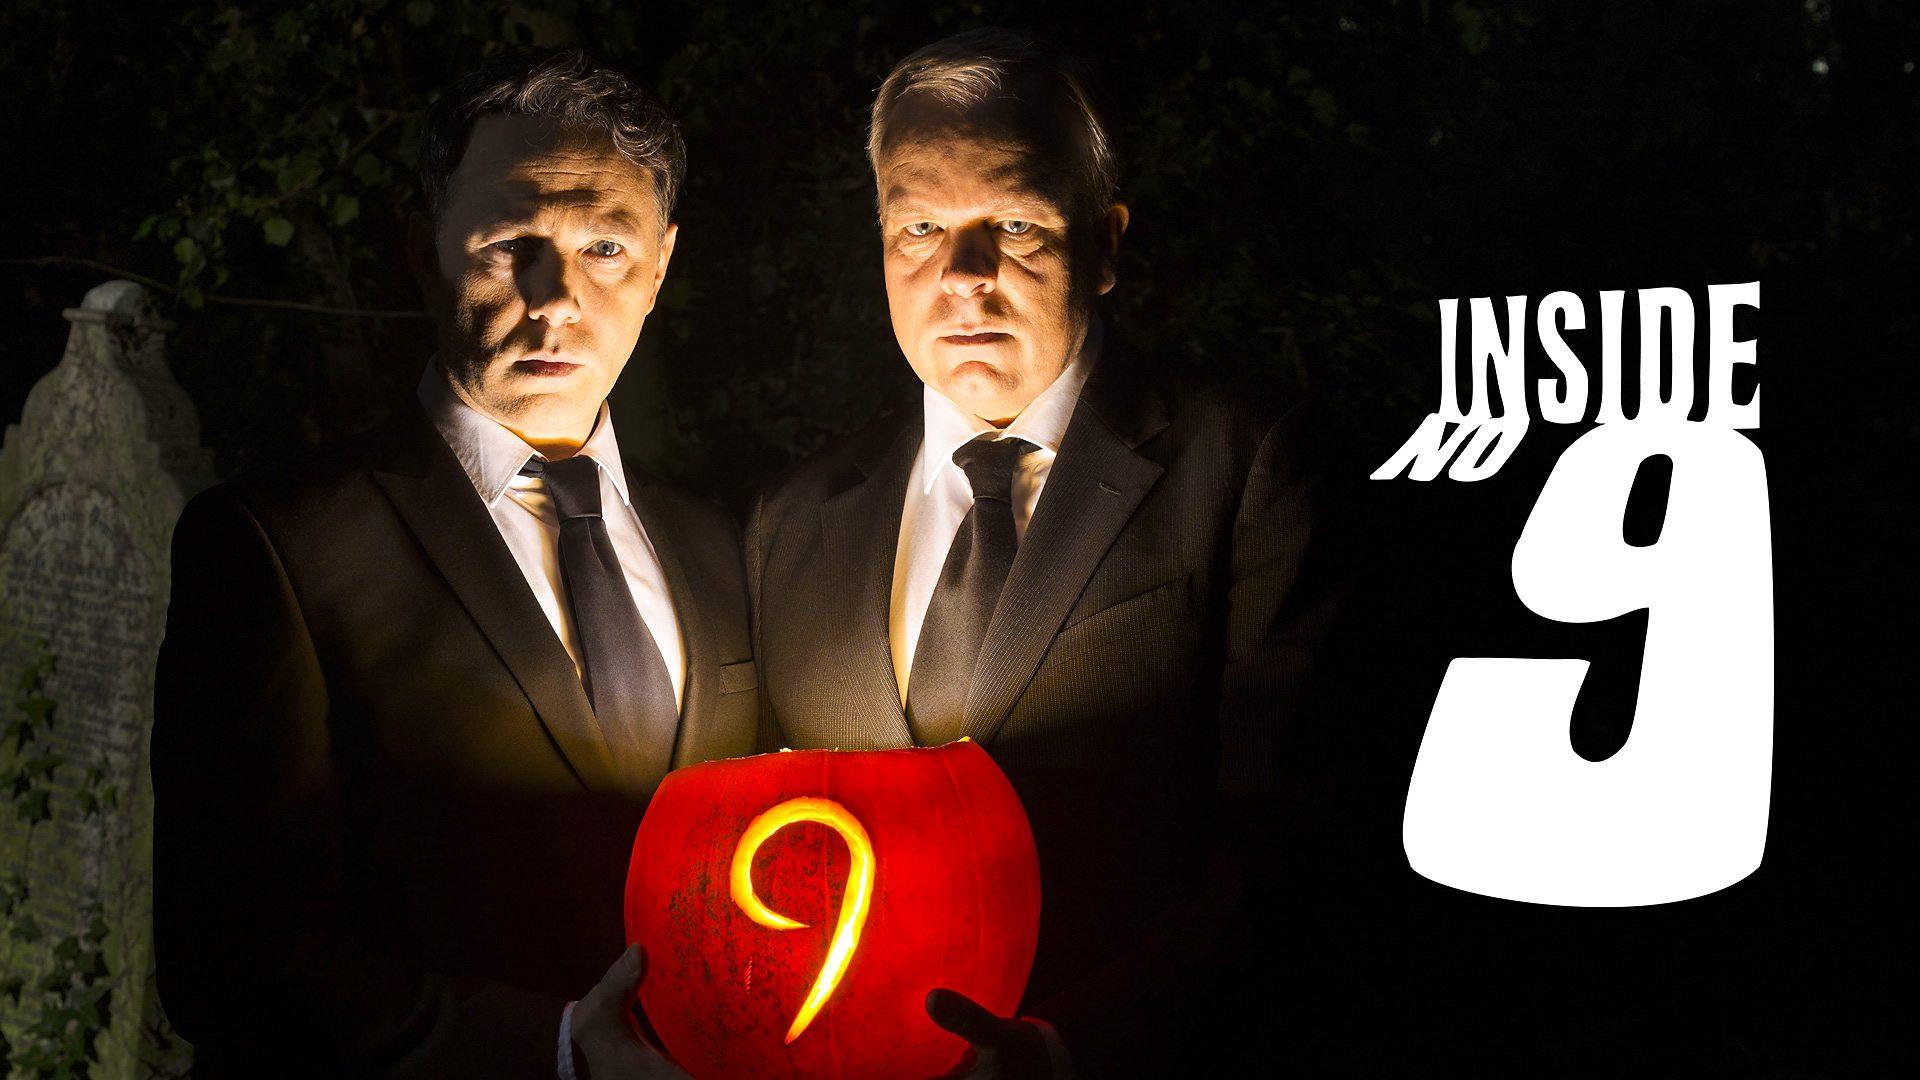 Inside n°9,BBC svela la data di uscita della quinta stagione thumbnail